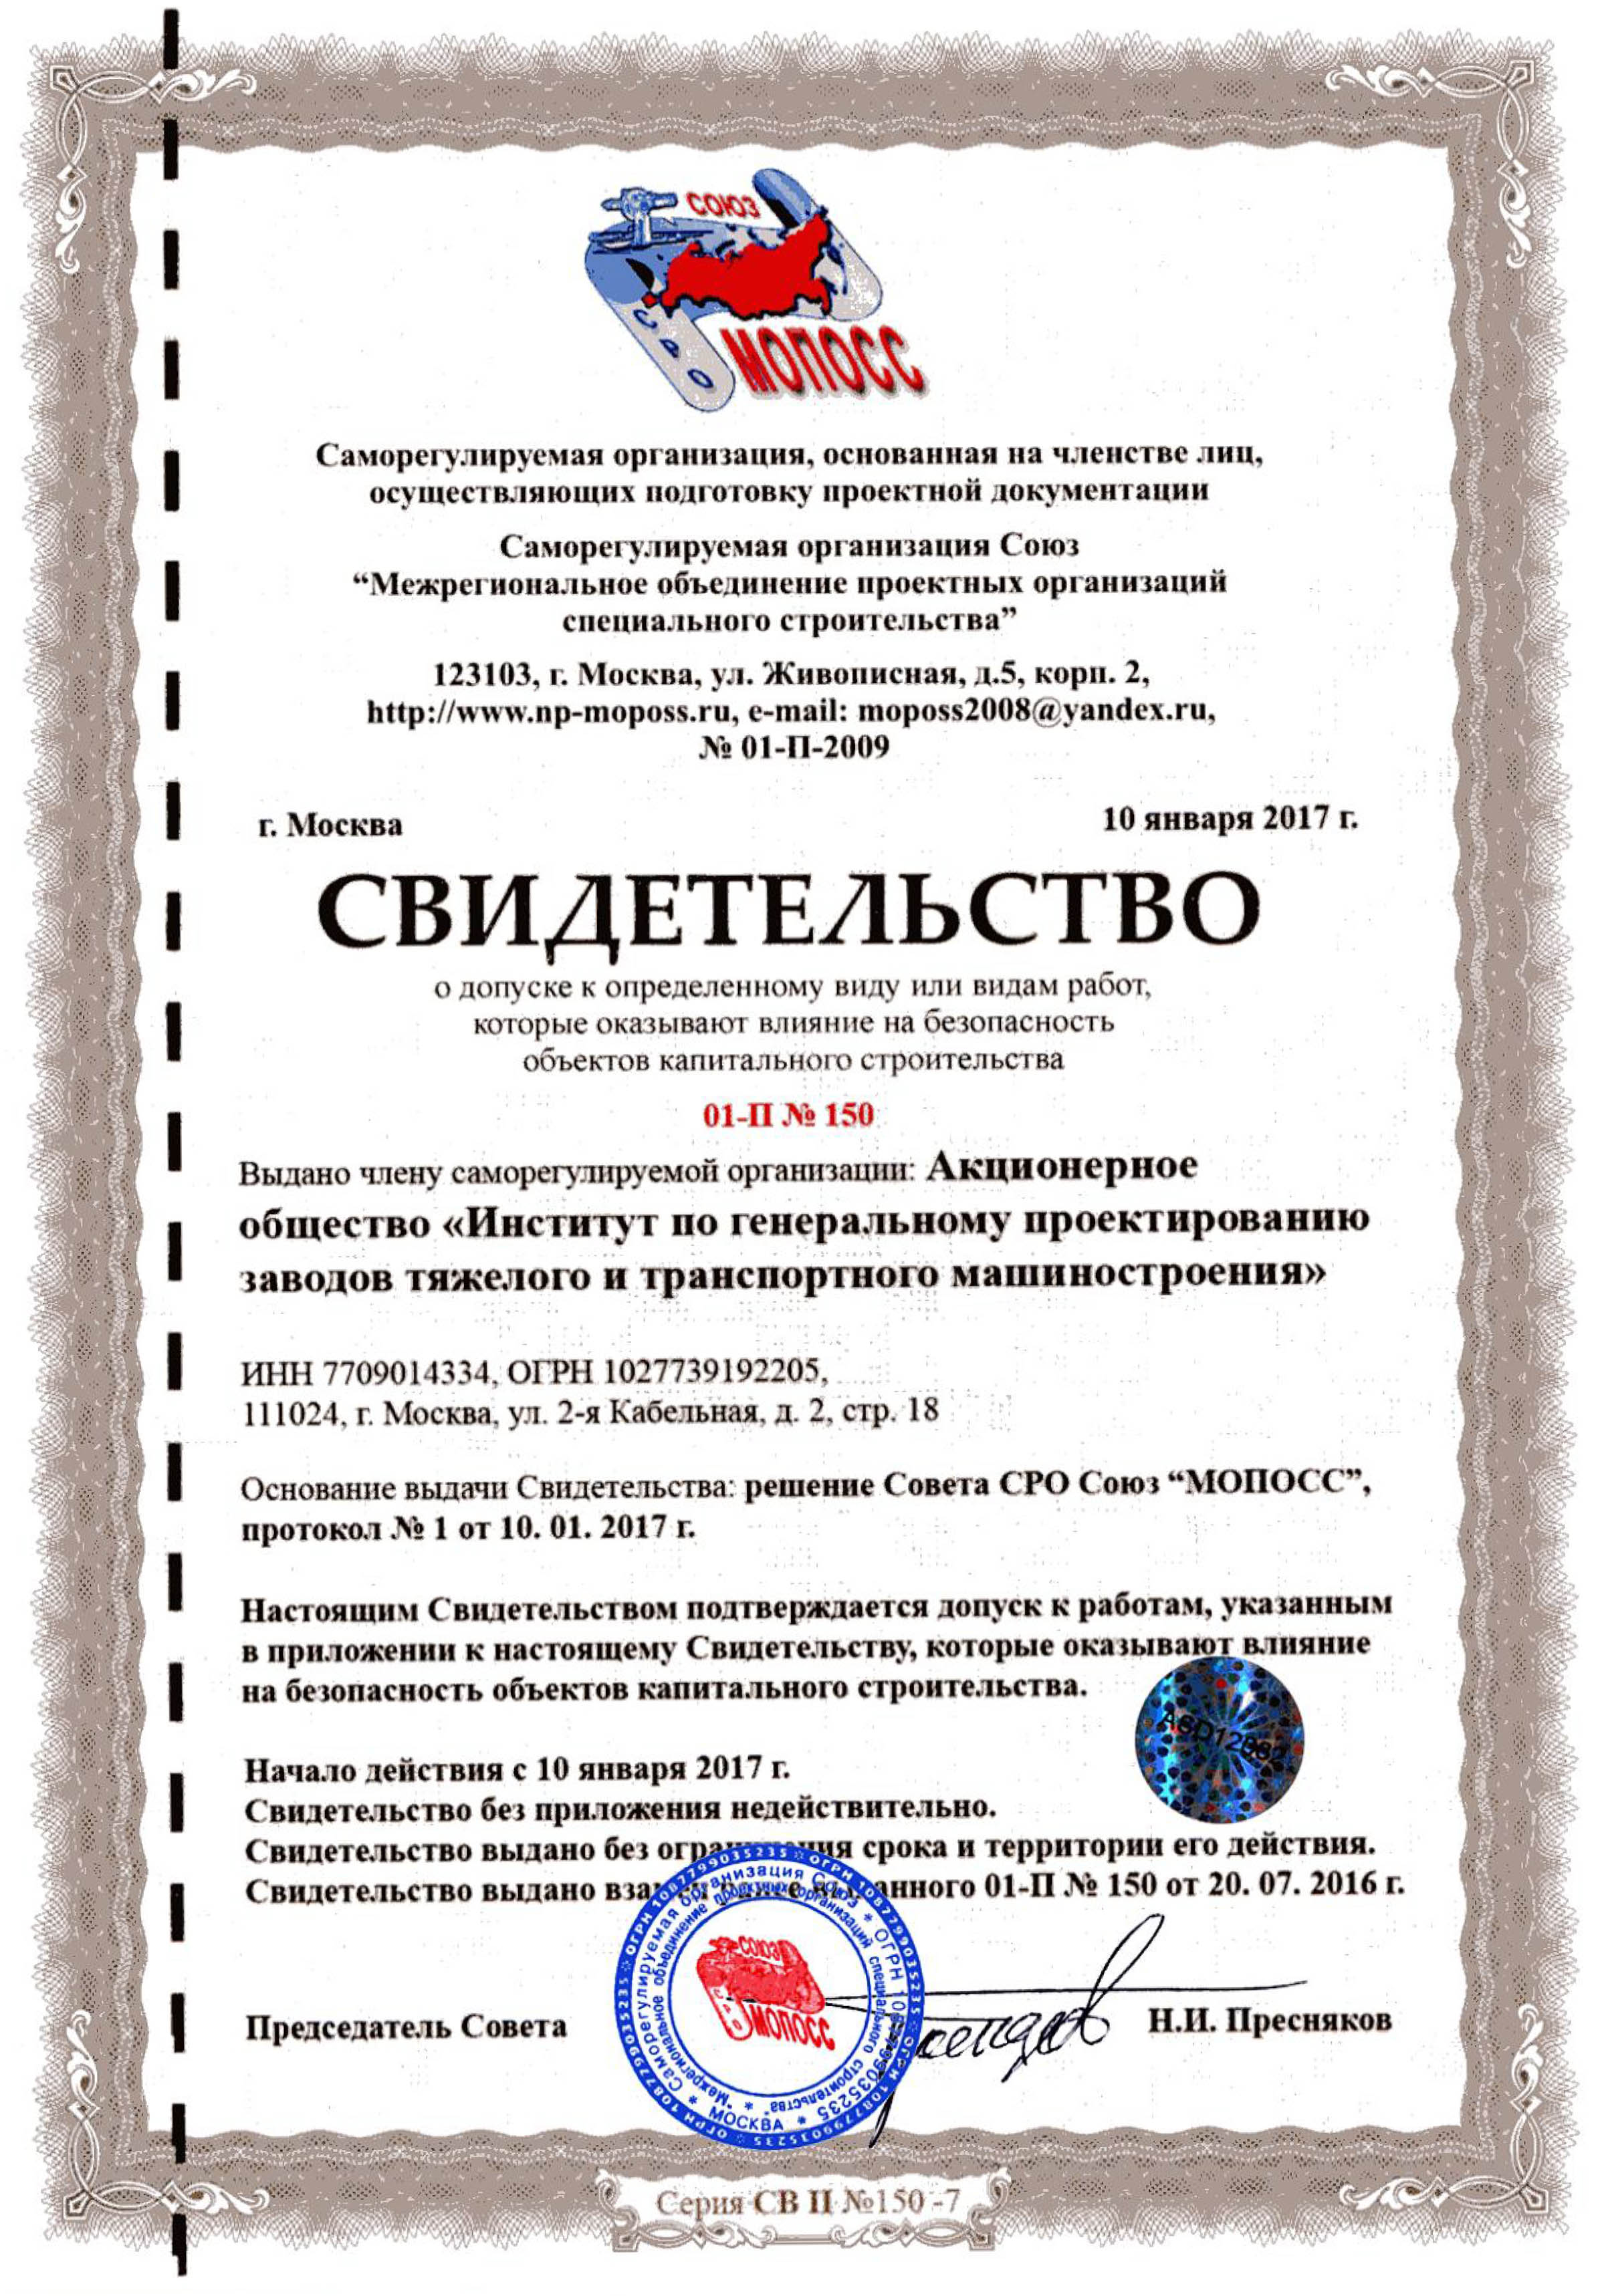 Свидетельство МОПОСС